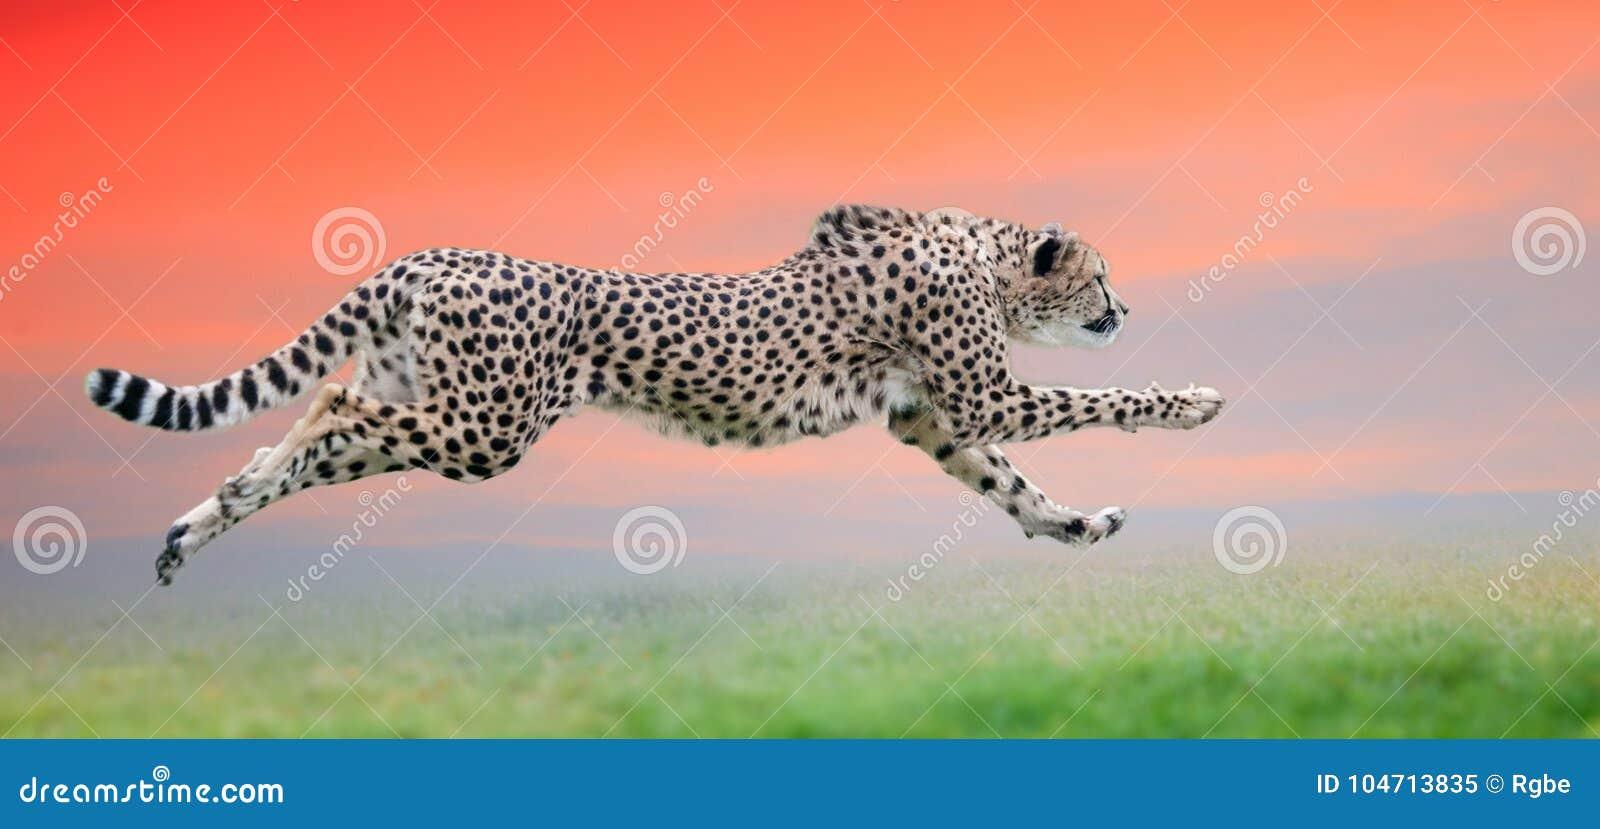 Cheetah run at beautiful sunset